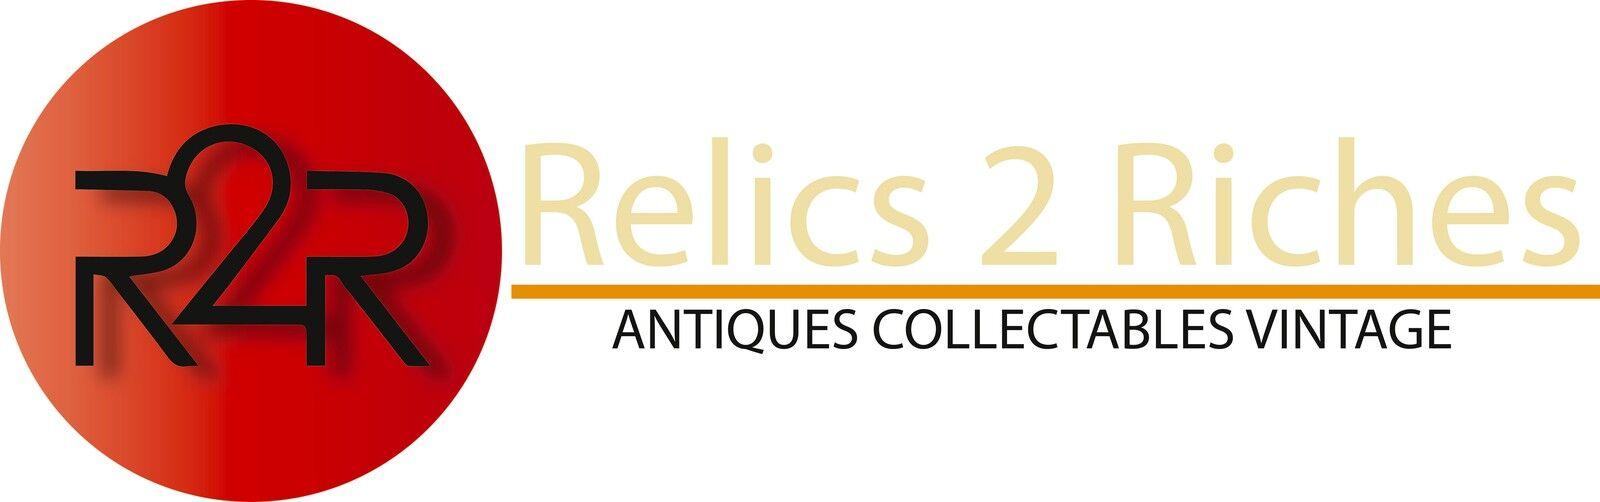 RelicsToRiches